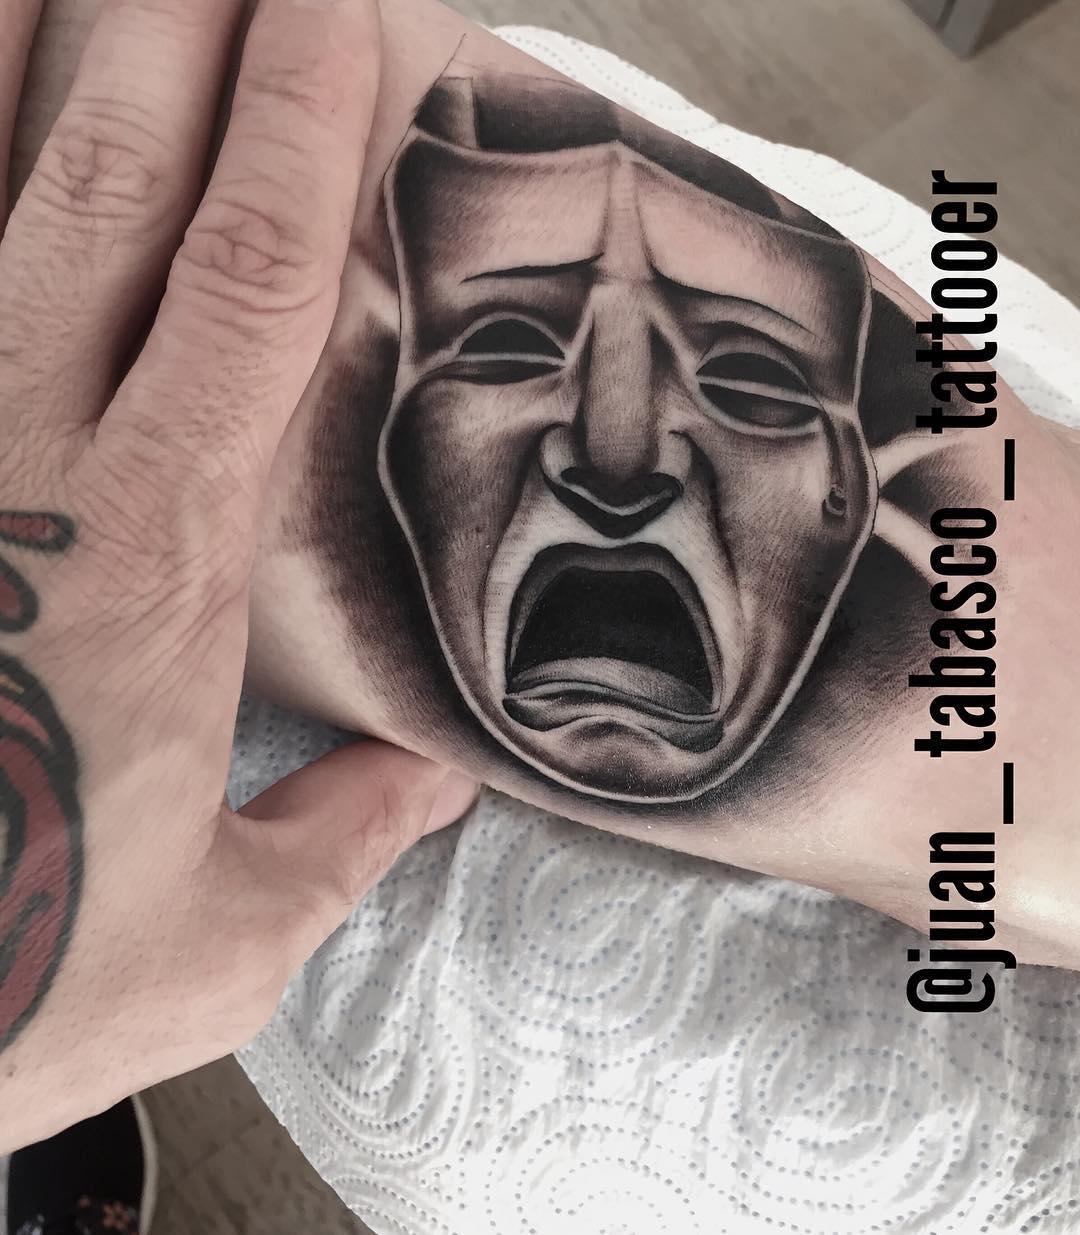 eye,realismo,tattoo,juantabasco,tattooer,tattoo,spain,ciudadreal,followme,follow4follow,ojo,tatuajes,tattooart,black,blackandgreytattoo,berlintattoo,madrid,barcelona,tattooibiza